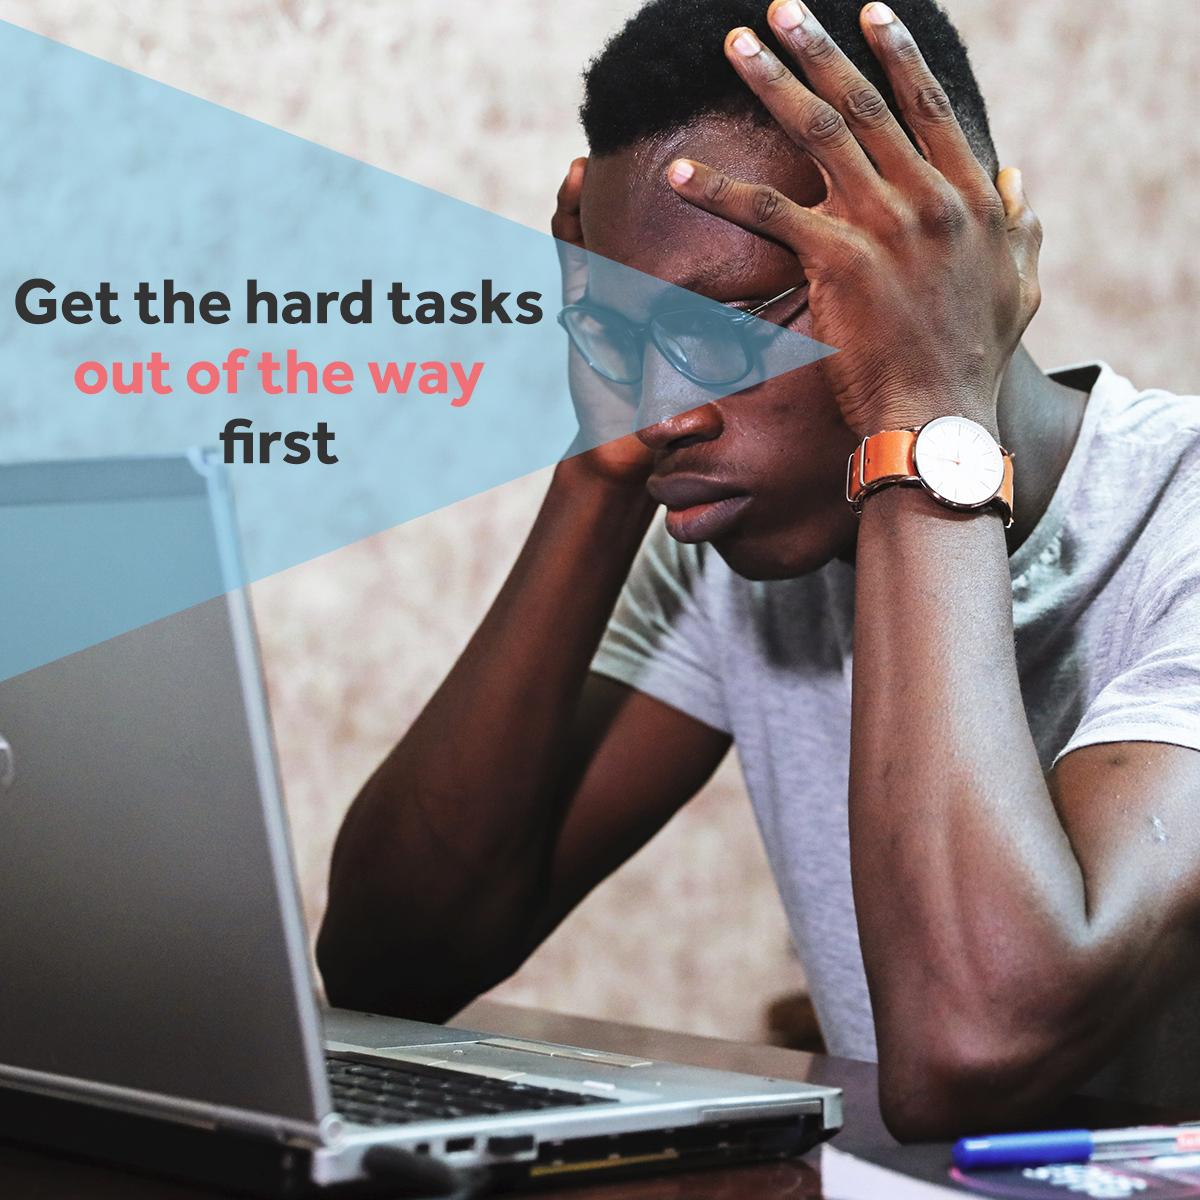 Hardest tasks first